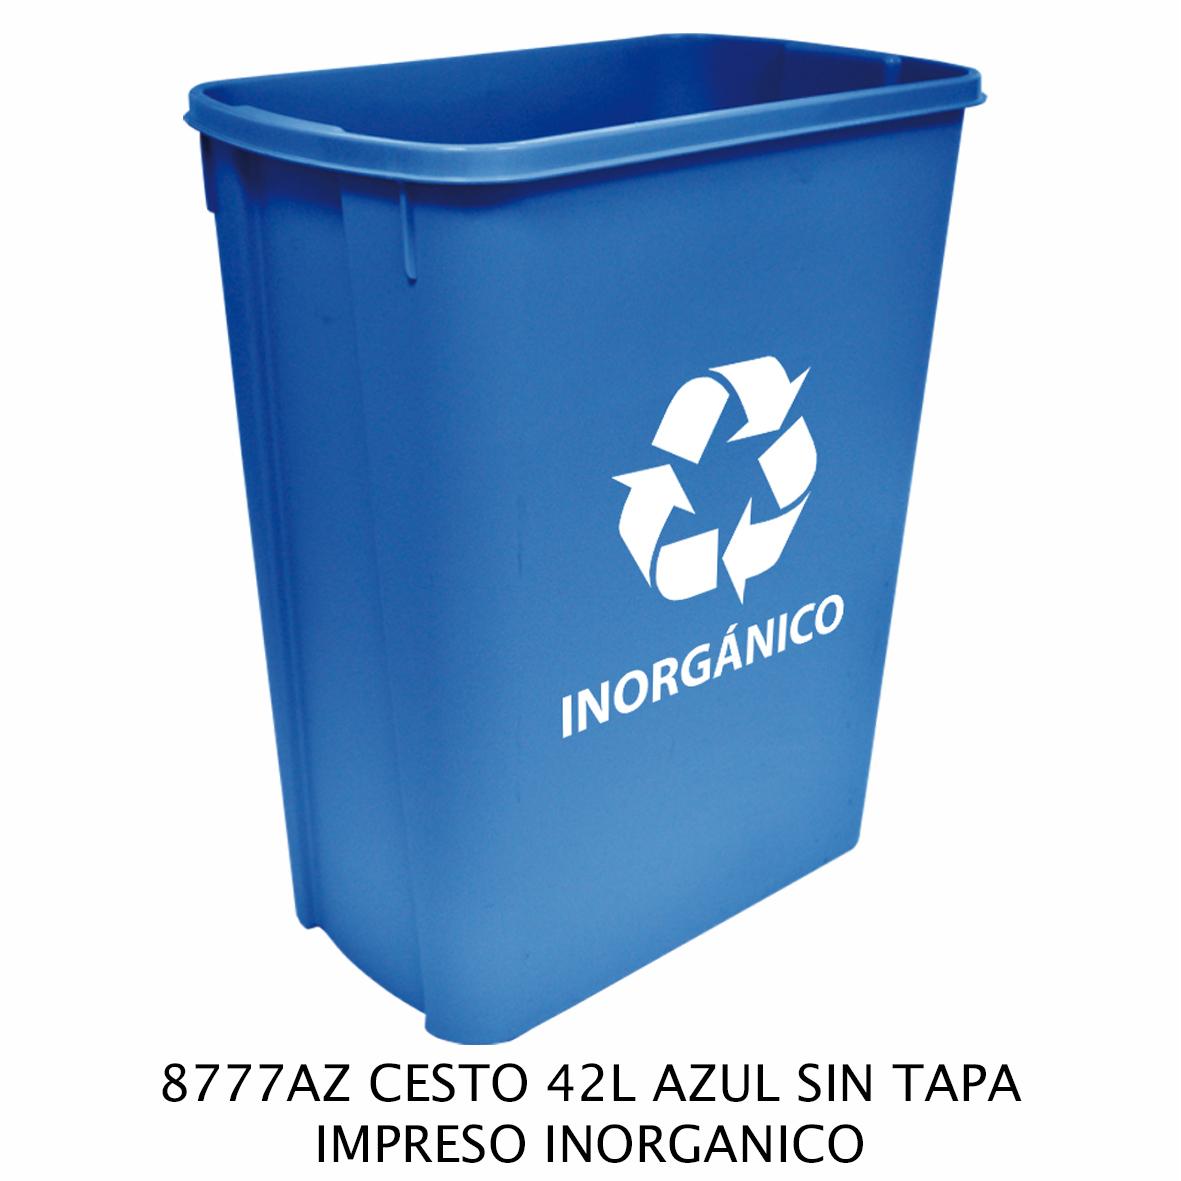 Bote de basura mediano de 42 litros sin tapa color azul modelo 8777AZ impreso inorgánico de Sablón